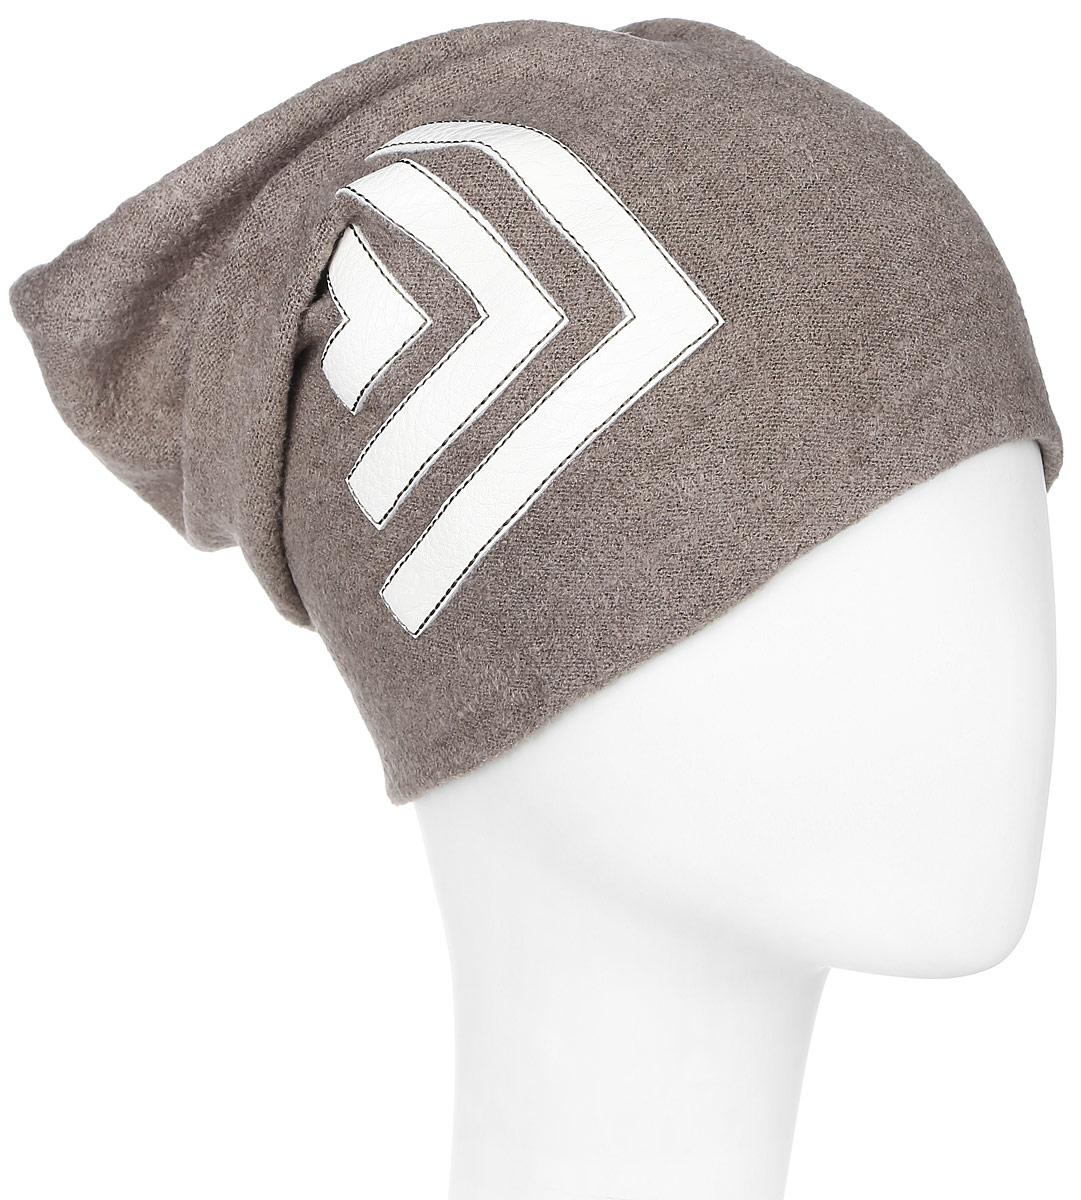 Шапка341728U-35Женская шапка Vittorio Richi выполнена из нейлона, вискозы и шерсти. Модель декорирована аппликацией из искусственной кожи в виде геометрических фигур. Уважаемые клиенты! Размер, доступный для заказа, является обхватом головы.